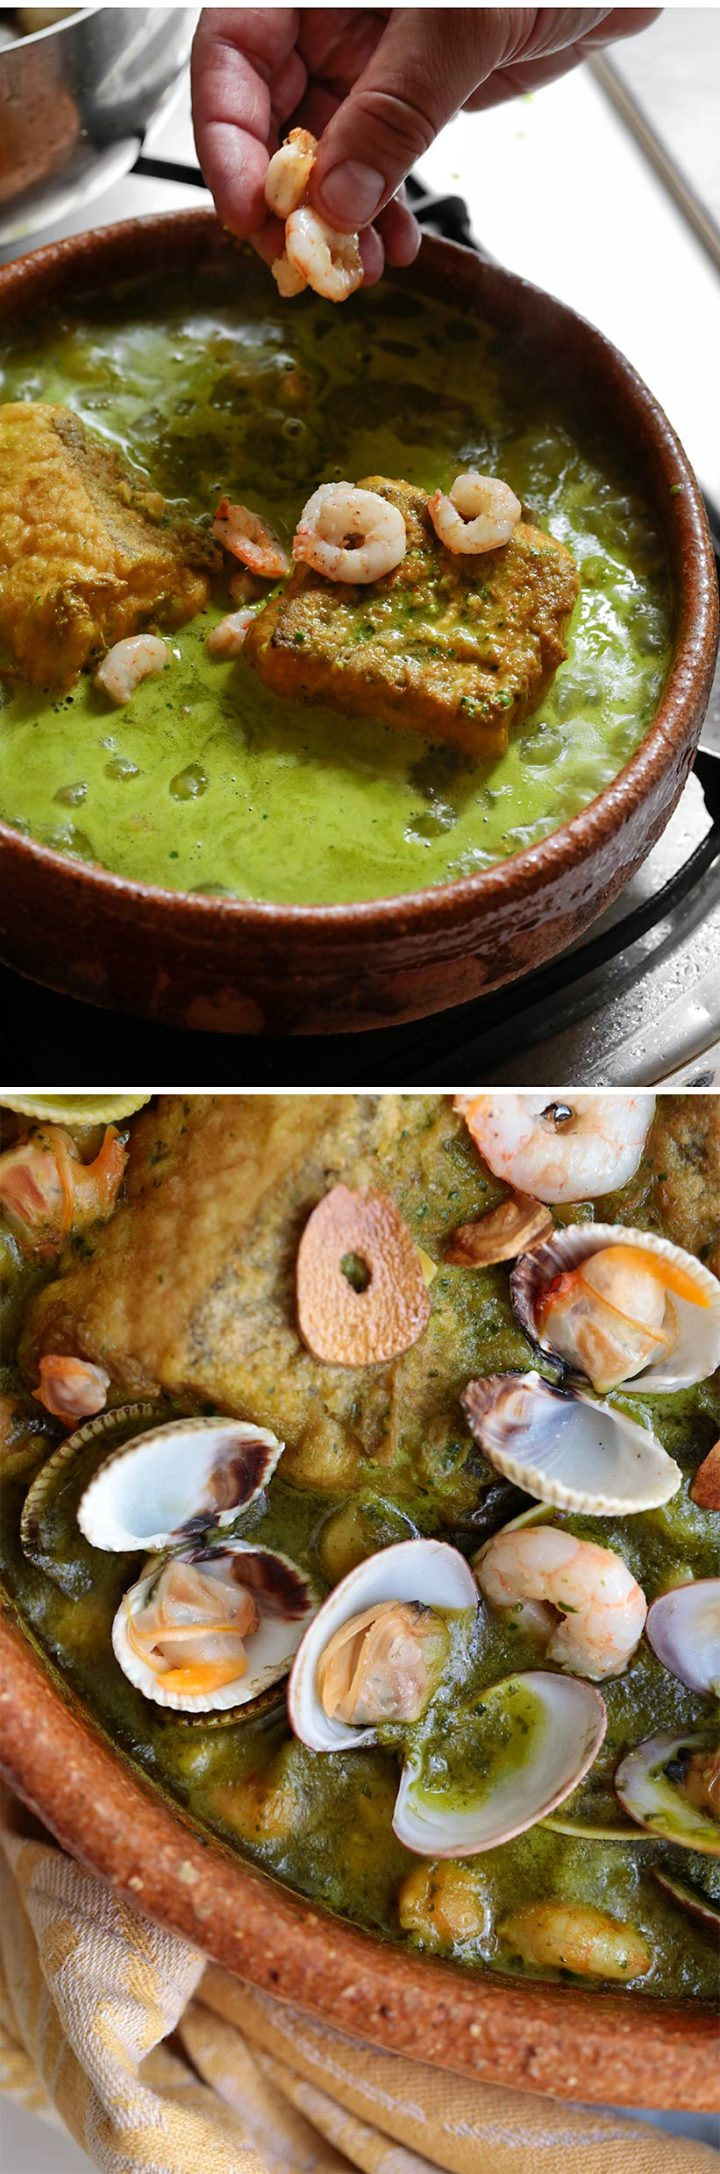 Receta cazuela de bacalao y garbanzos para Semana Santa